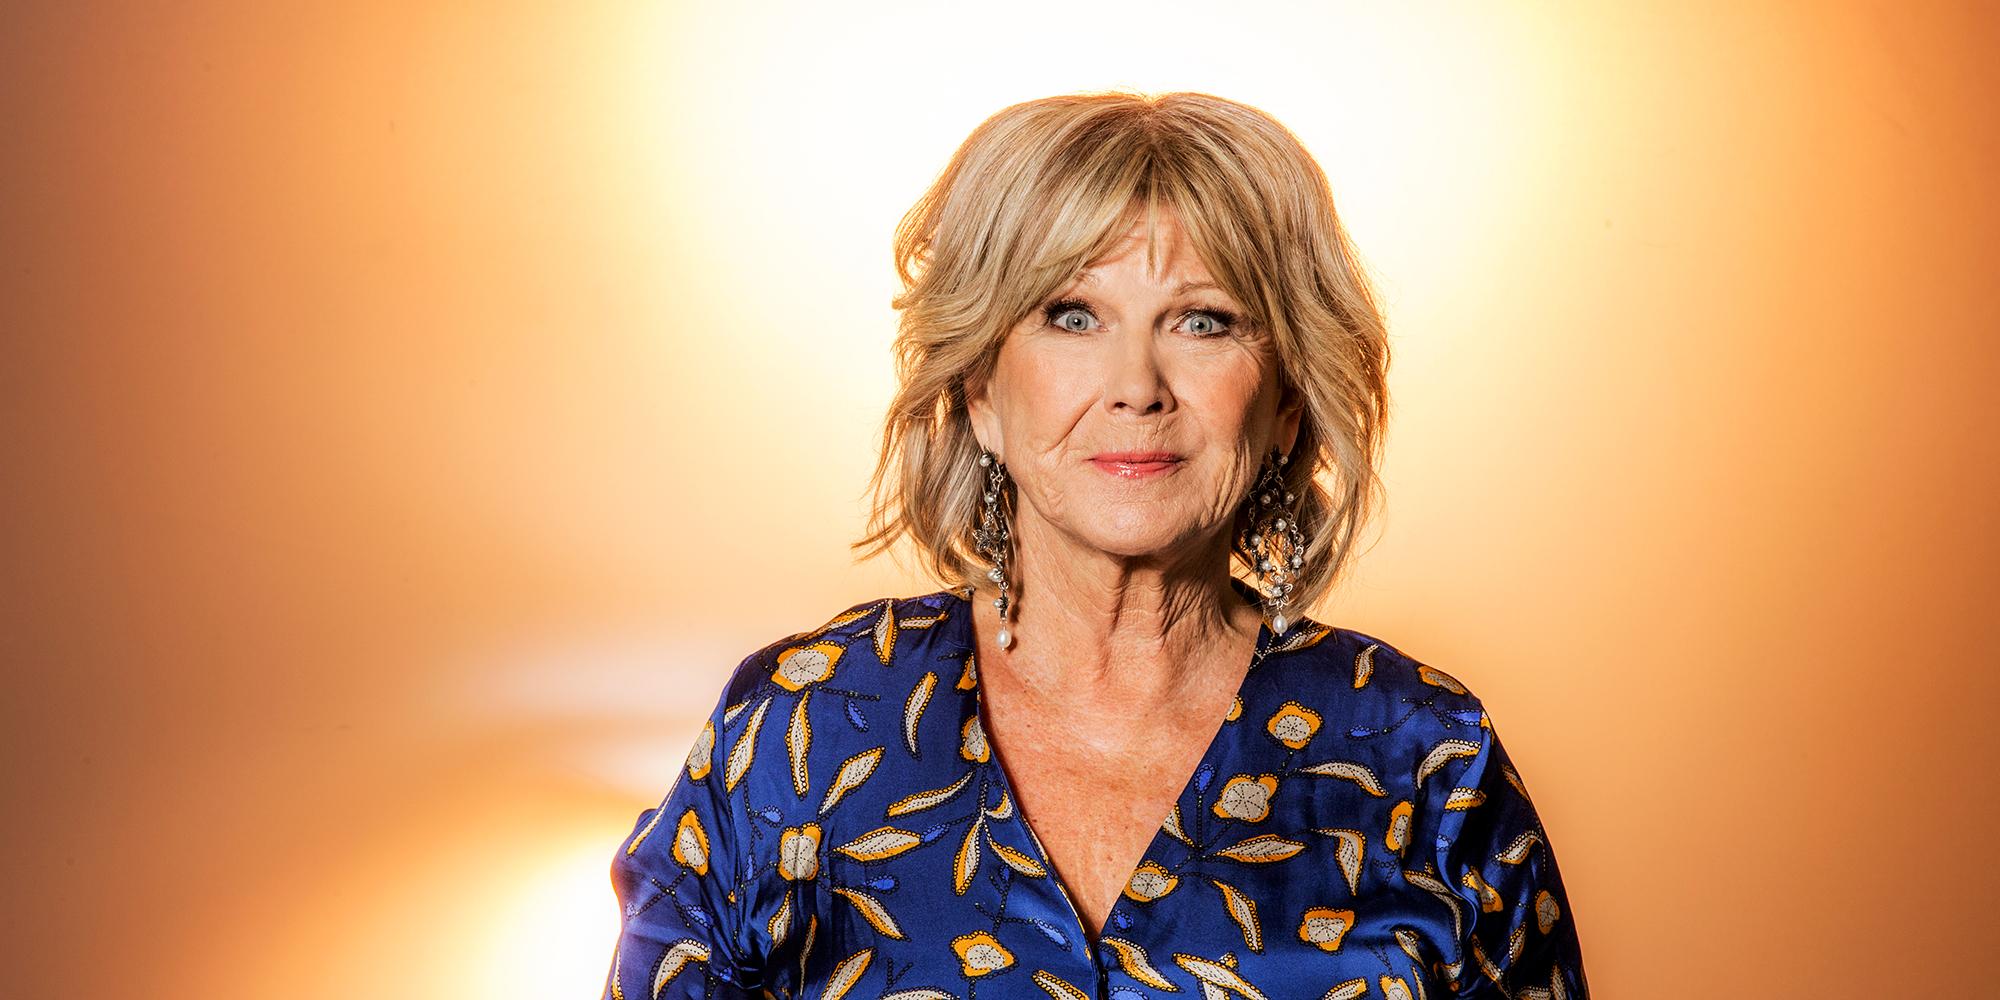 Ann-Louise-Hansson